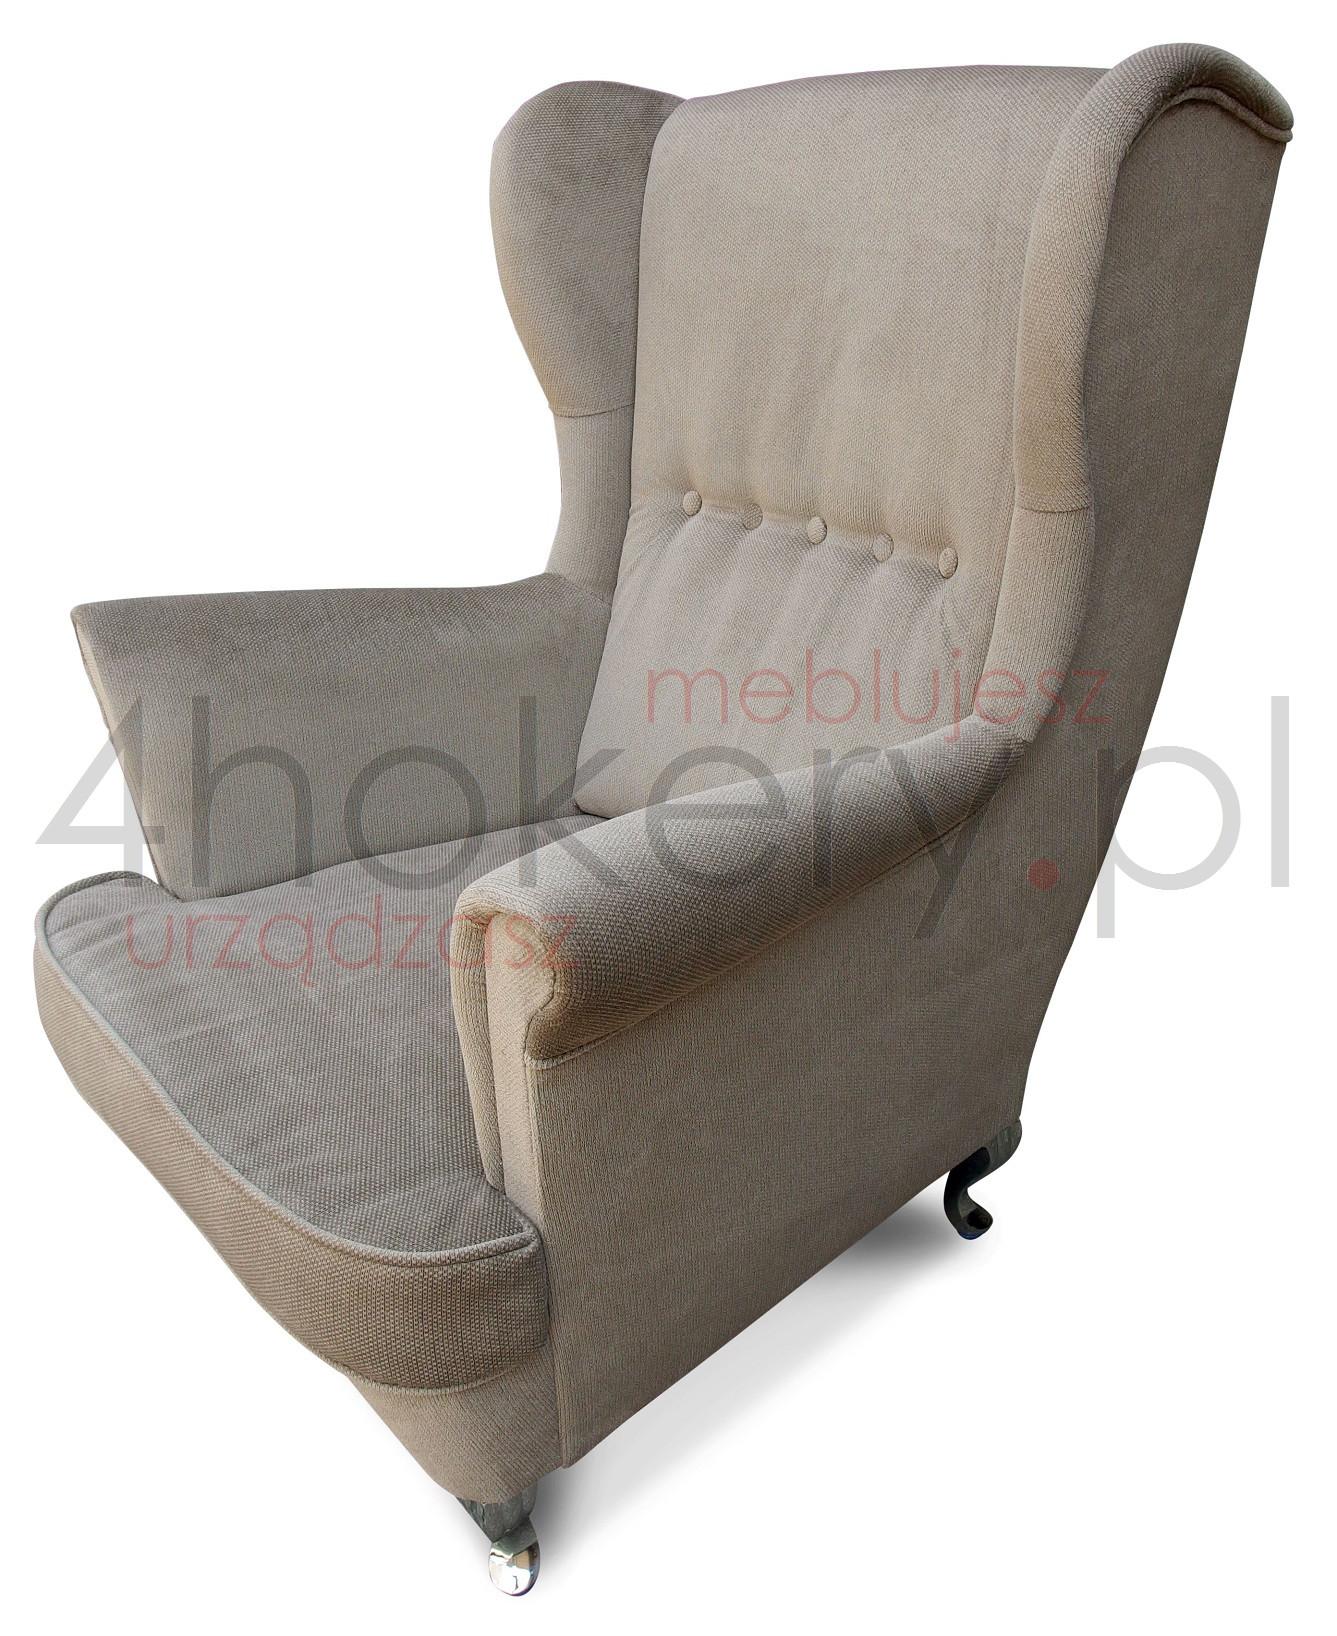 Wygodny fotel uszak - Fotel Babci do czytania i wypoczywania